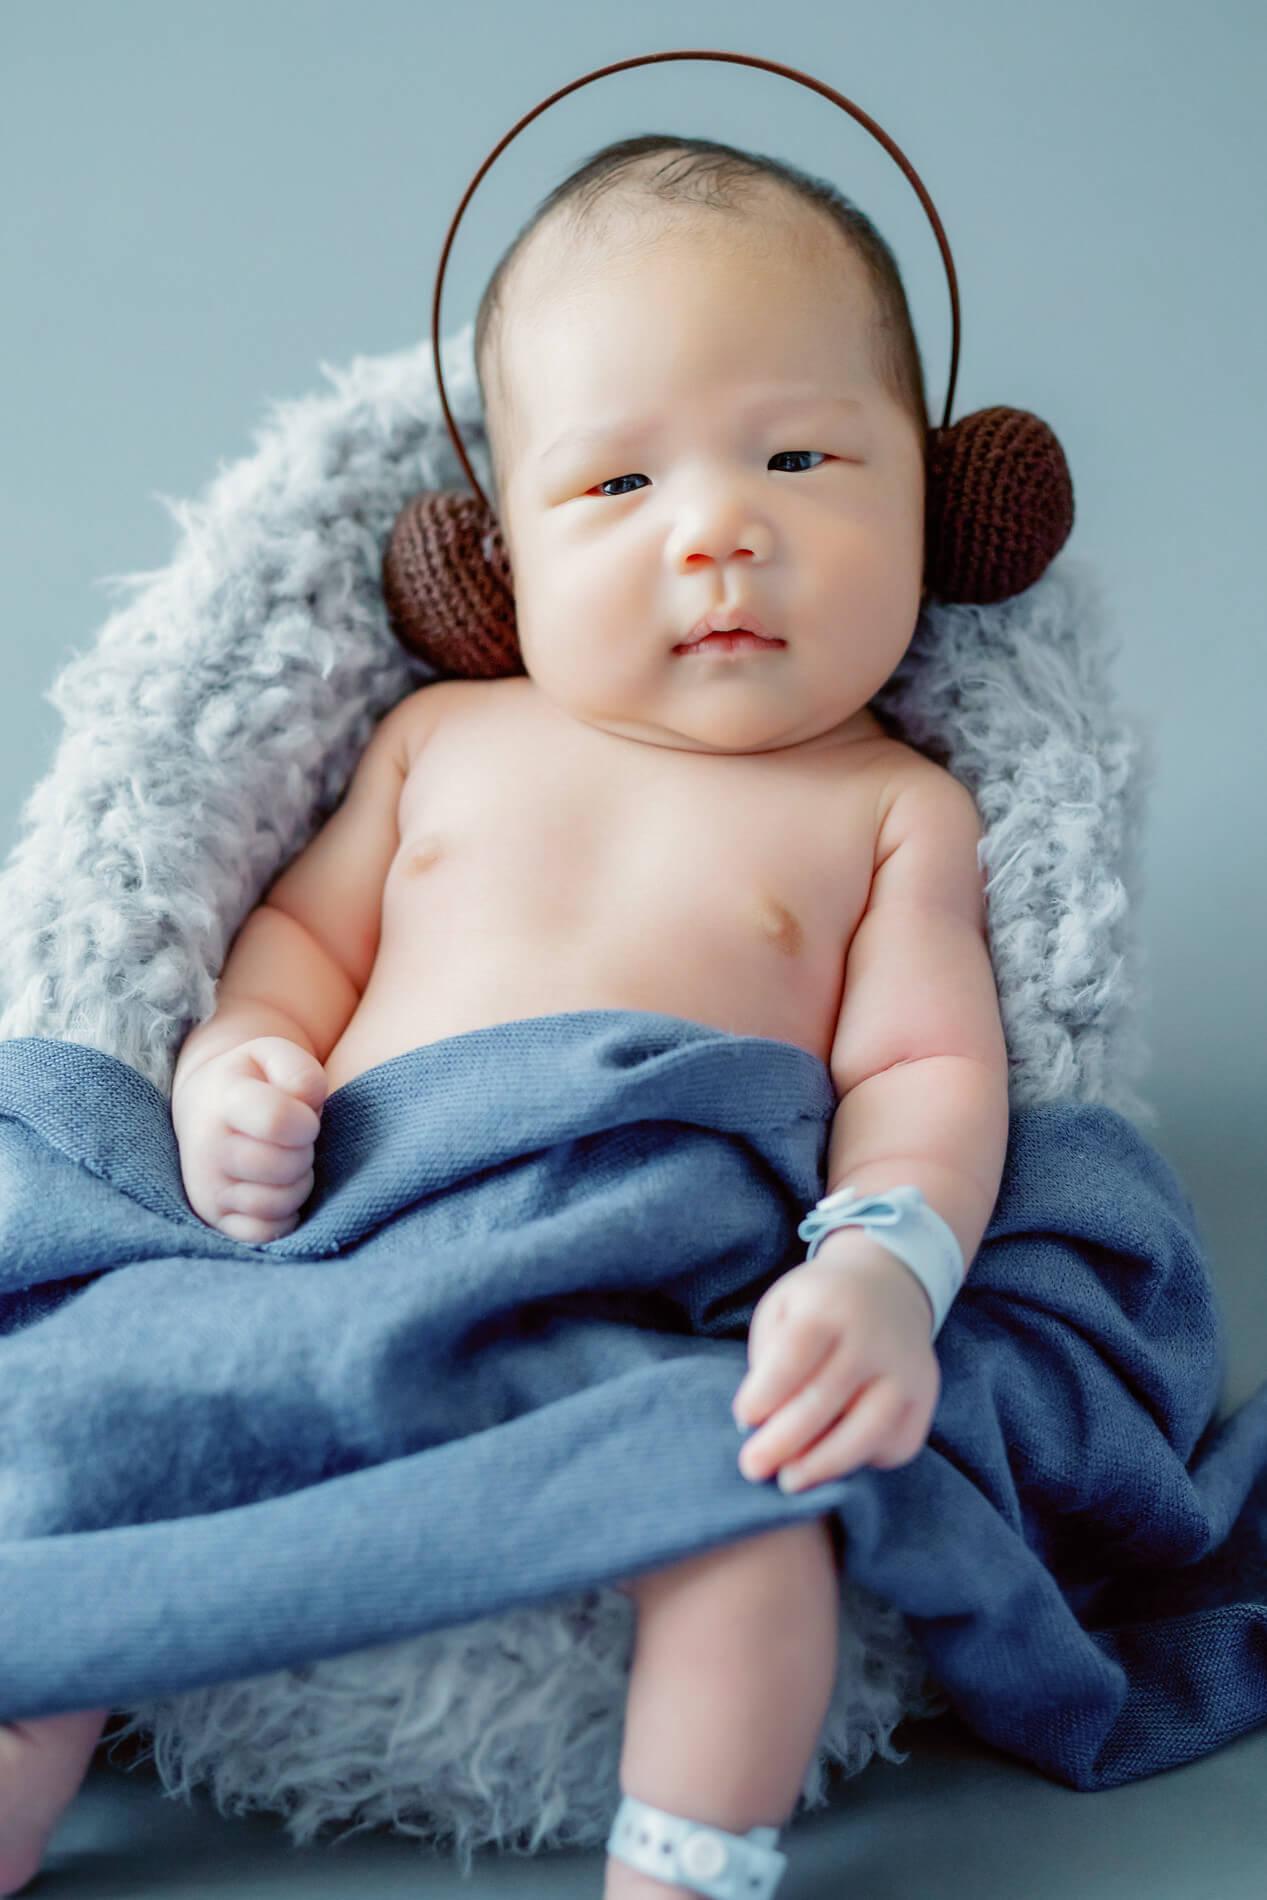 新生兒寫真,寶寶寫真,兒童寫真,新生兒攝影,寶寶攝影,到府攝影,新生兒寫真推薦